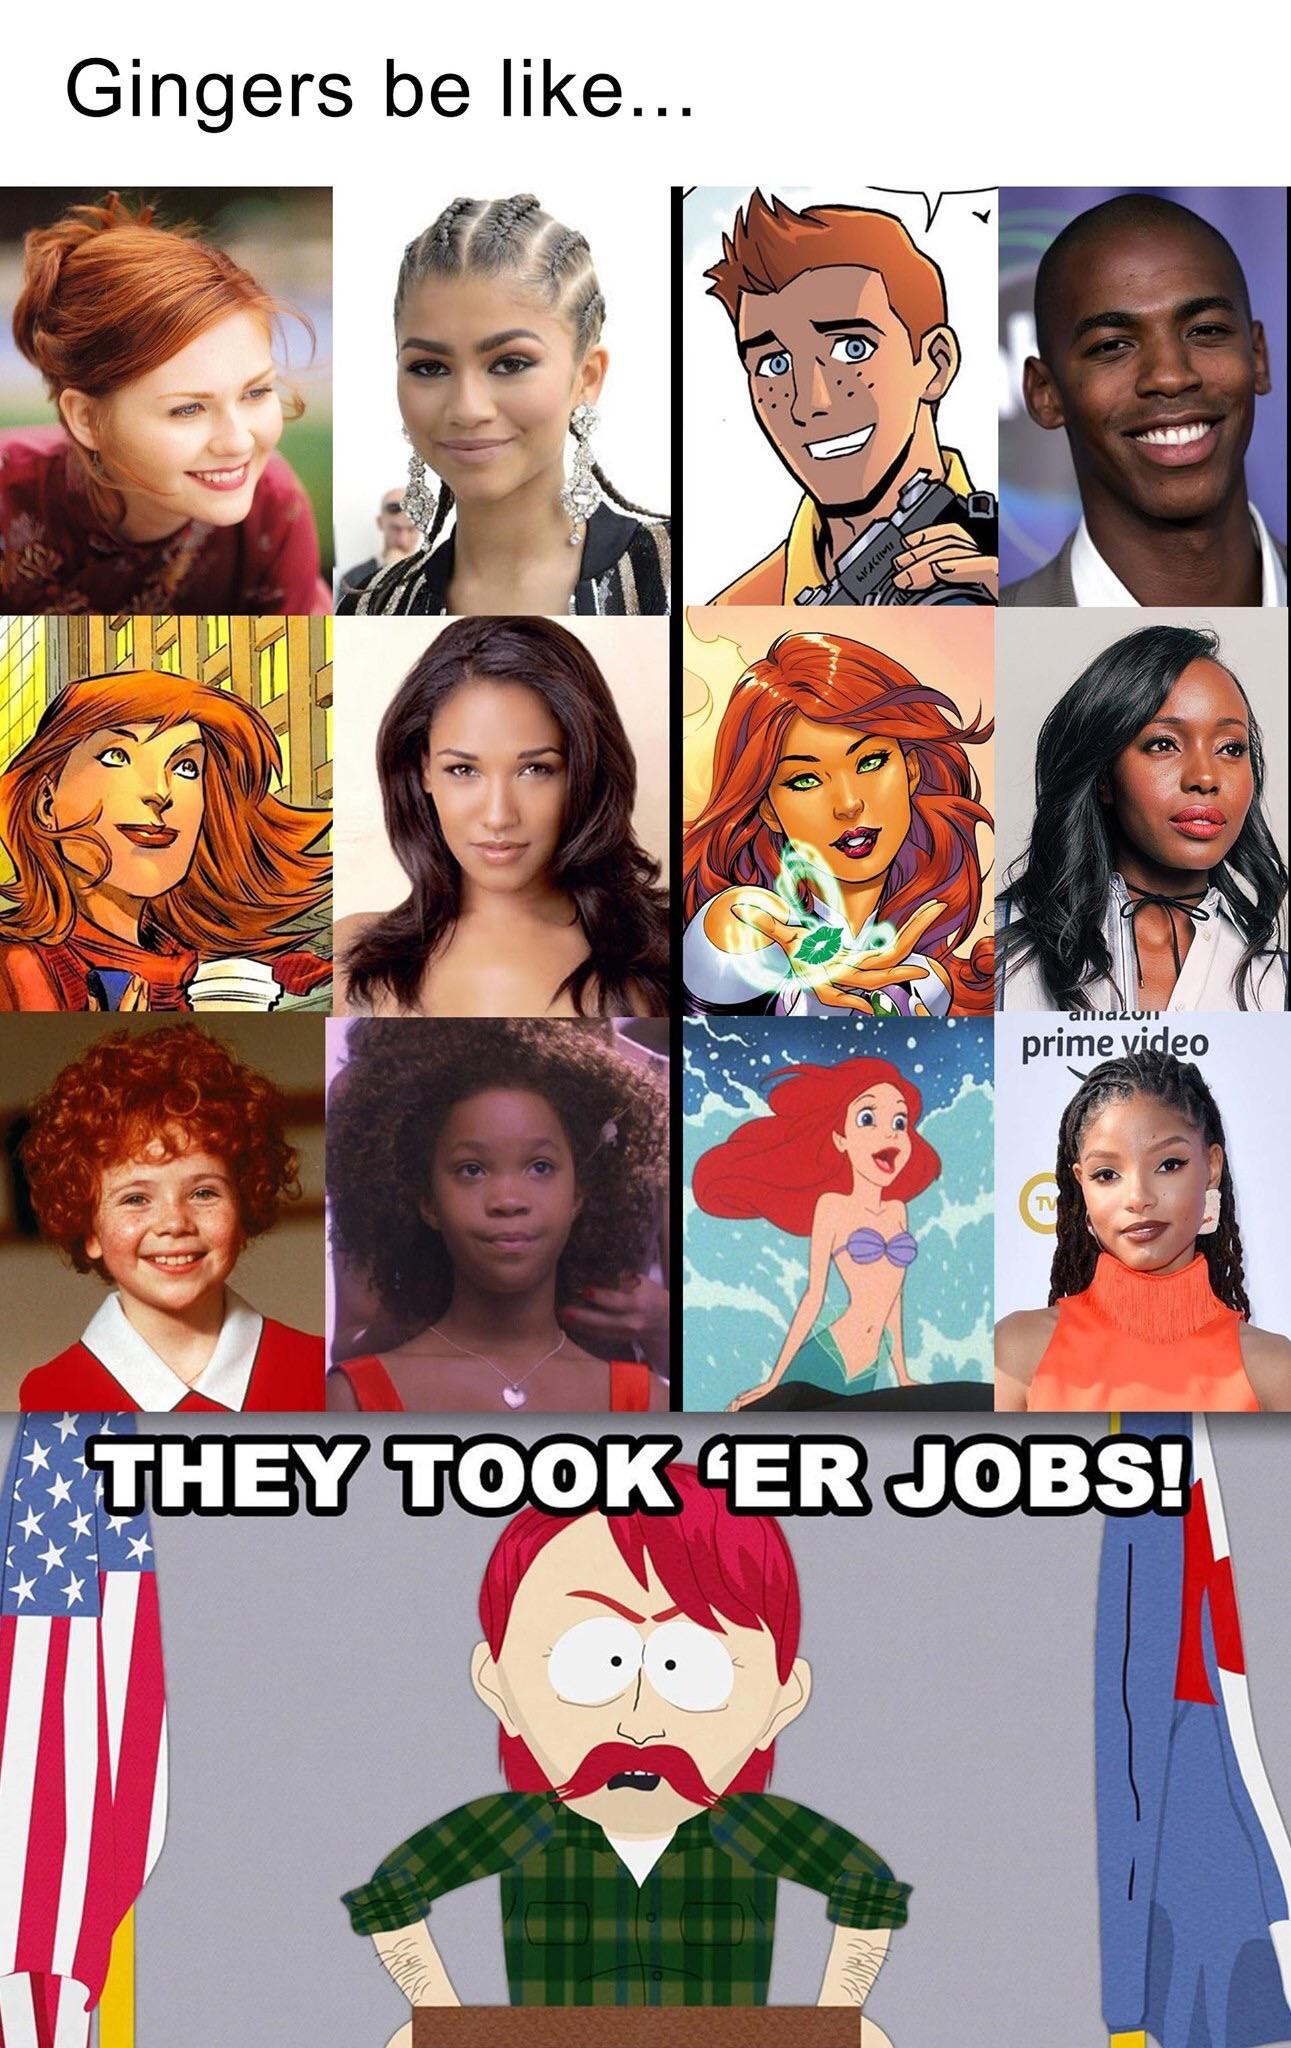 Poor gingers...